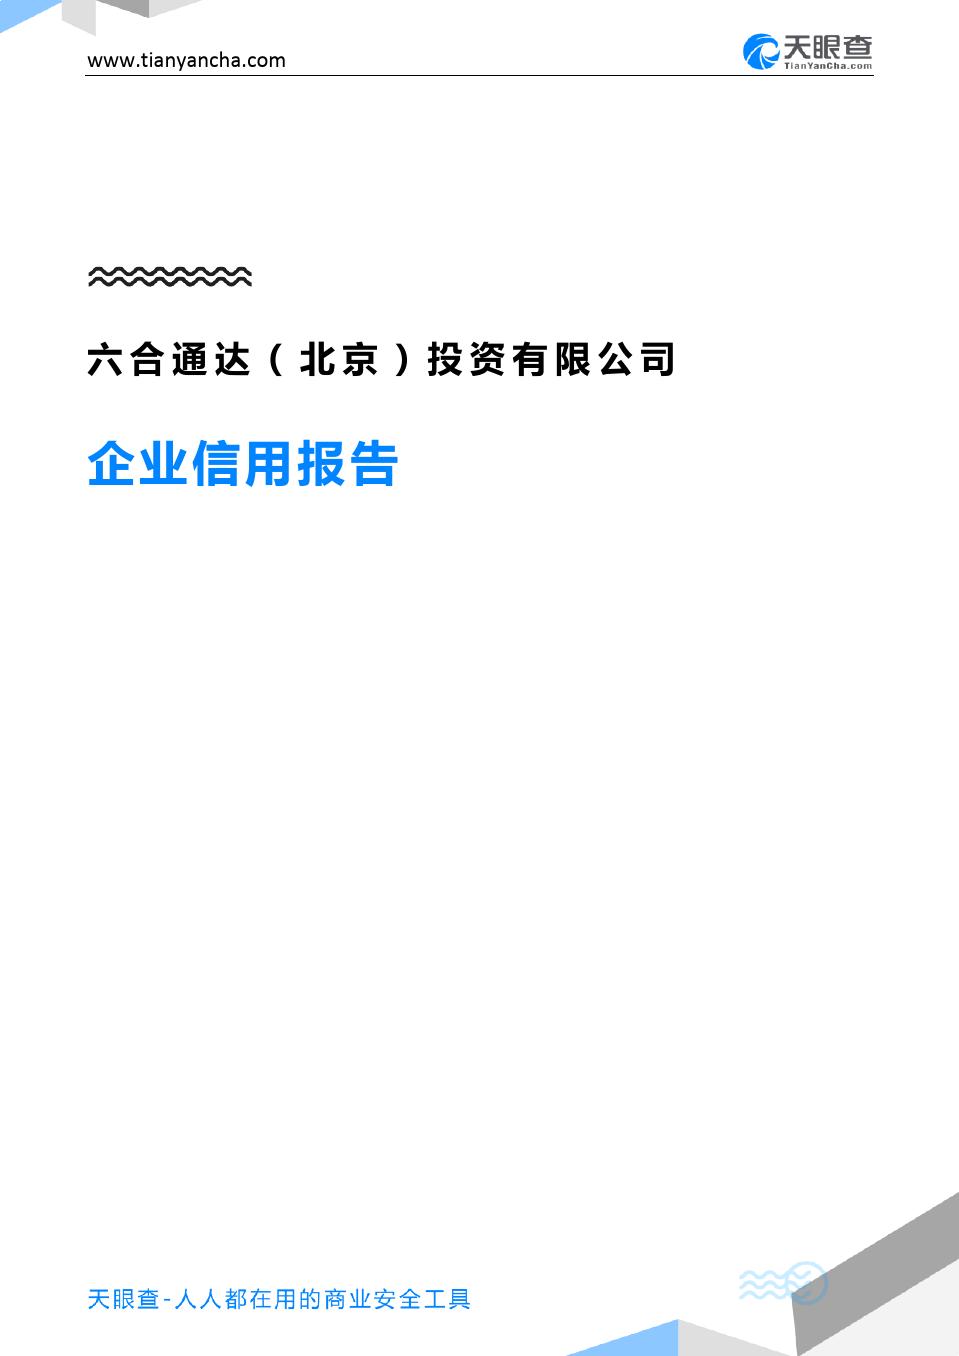 六合通达(北京)投资有限公司(企业信用报告)- 天眼查